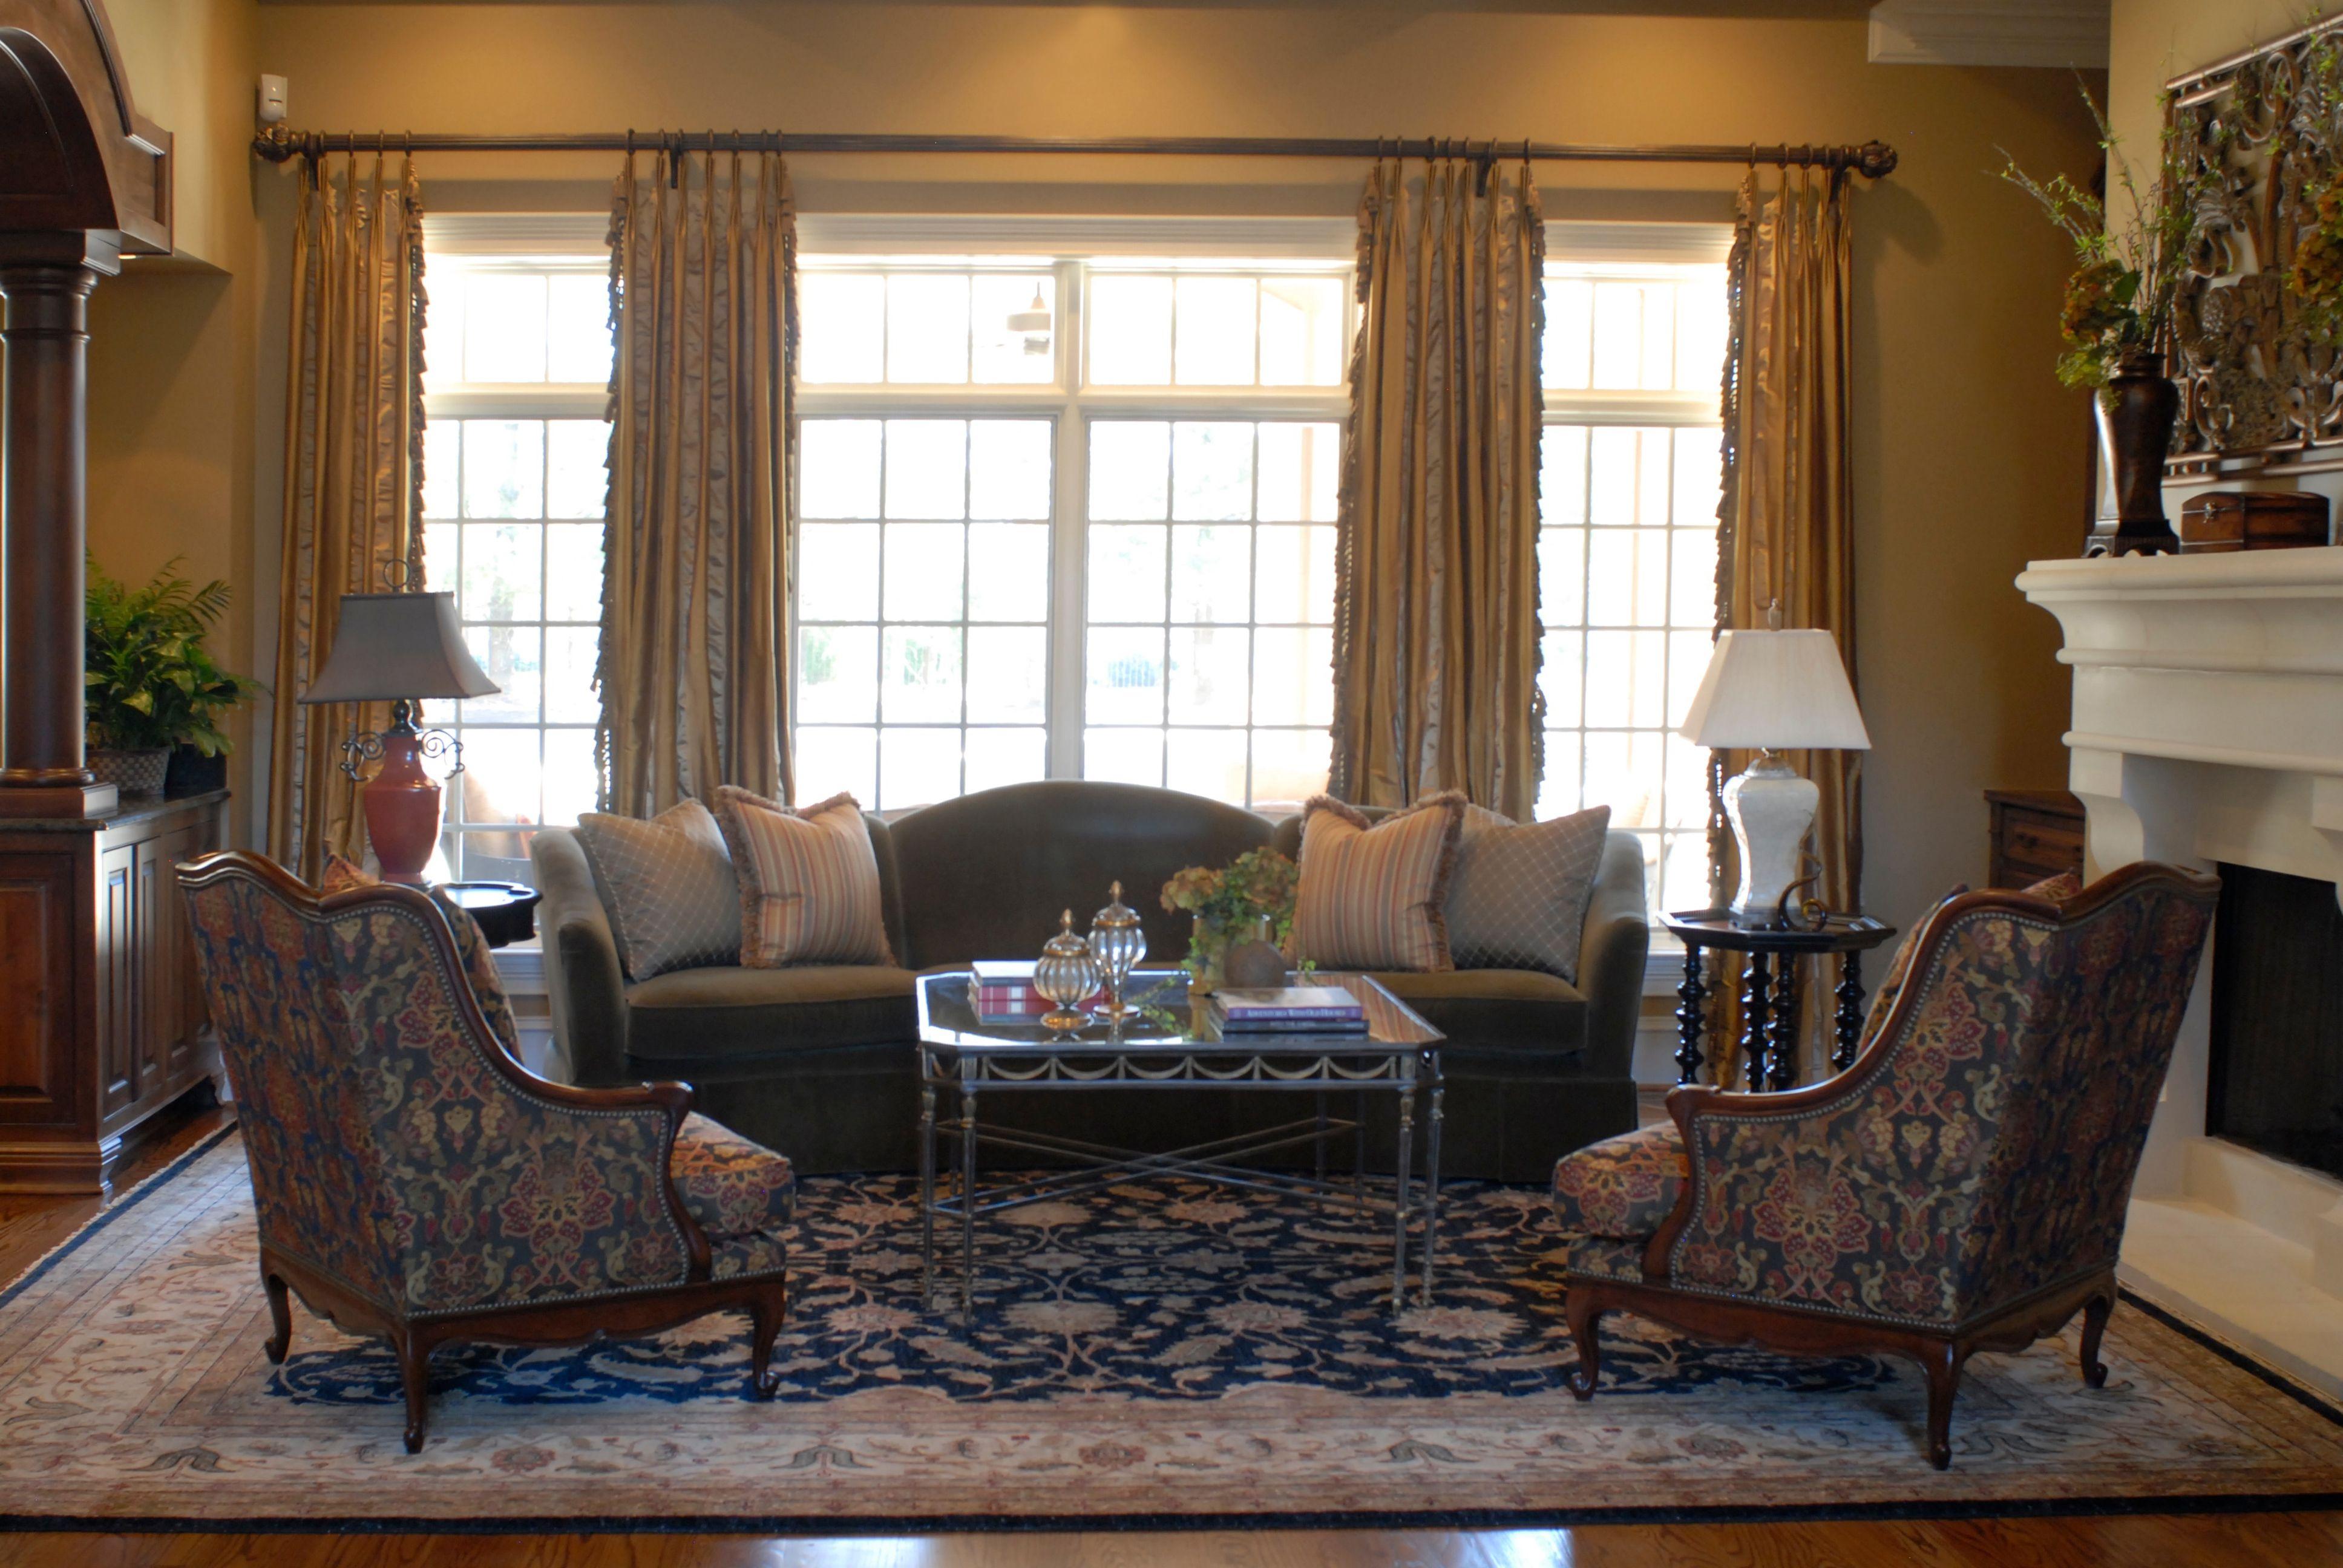 Interior Design U2022 Greenville, SC U2022 Kilgore Plantation U2022 Interior Cues, LLC